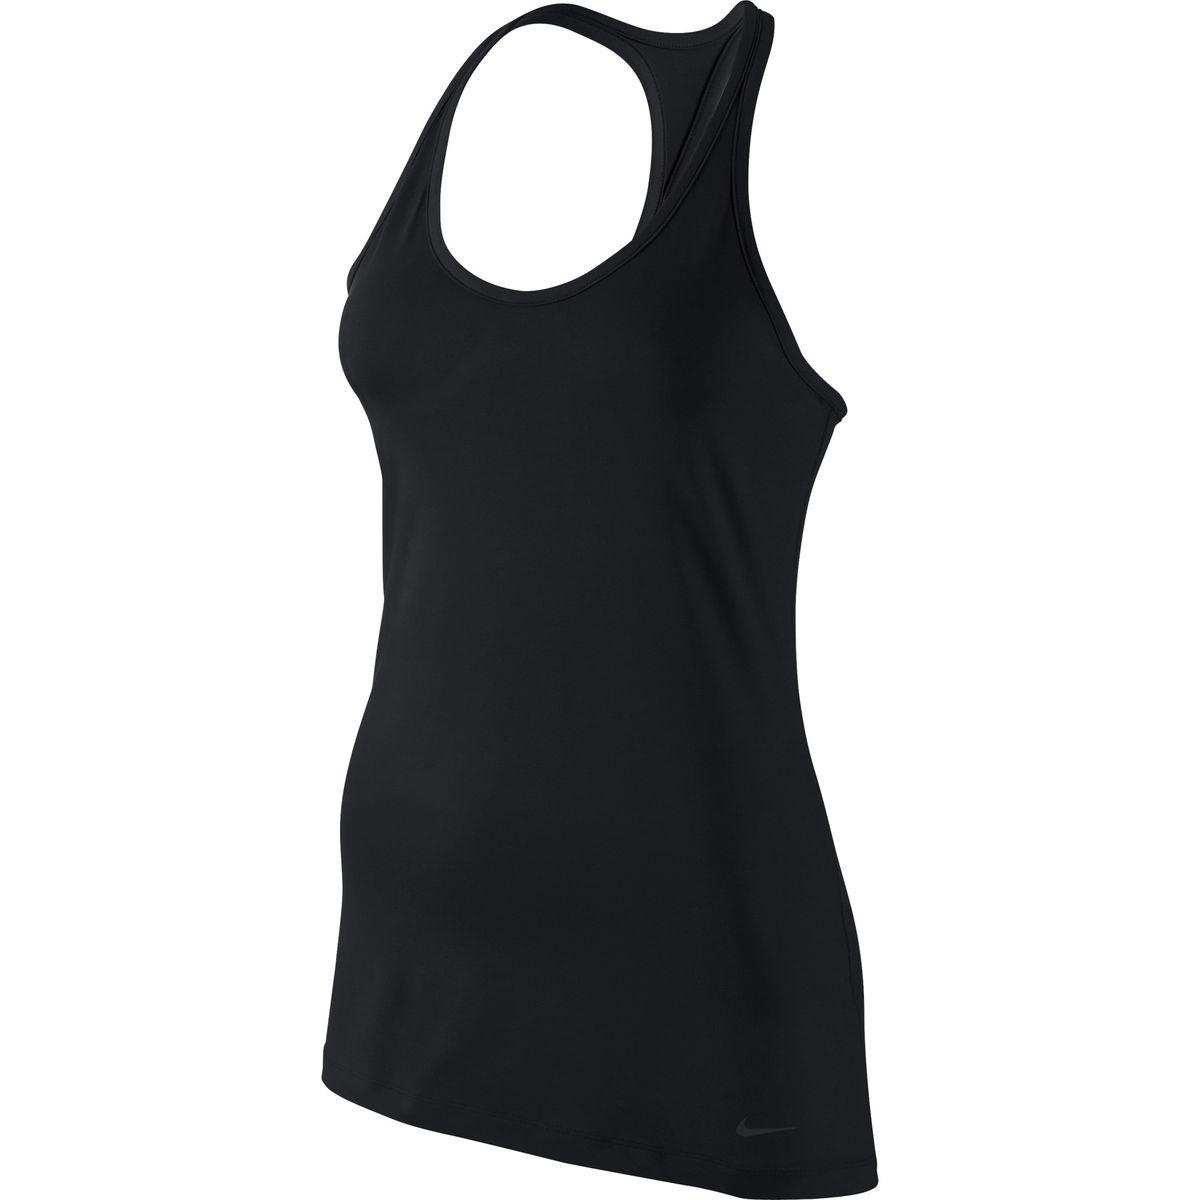 Майка для фитнеса женская Nike Get Fit, цвет: черный. 643345-010. Размер L (46/48)643345-010Женская майка Nike Get Fit изготовлена из качественной эластичной ткани по технологии Dri-FIT обеспечивающей надежную терморегуляцию и отвод влаги. Т-образная спинка осуществляет дополнительную поддержку.